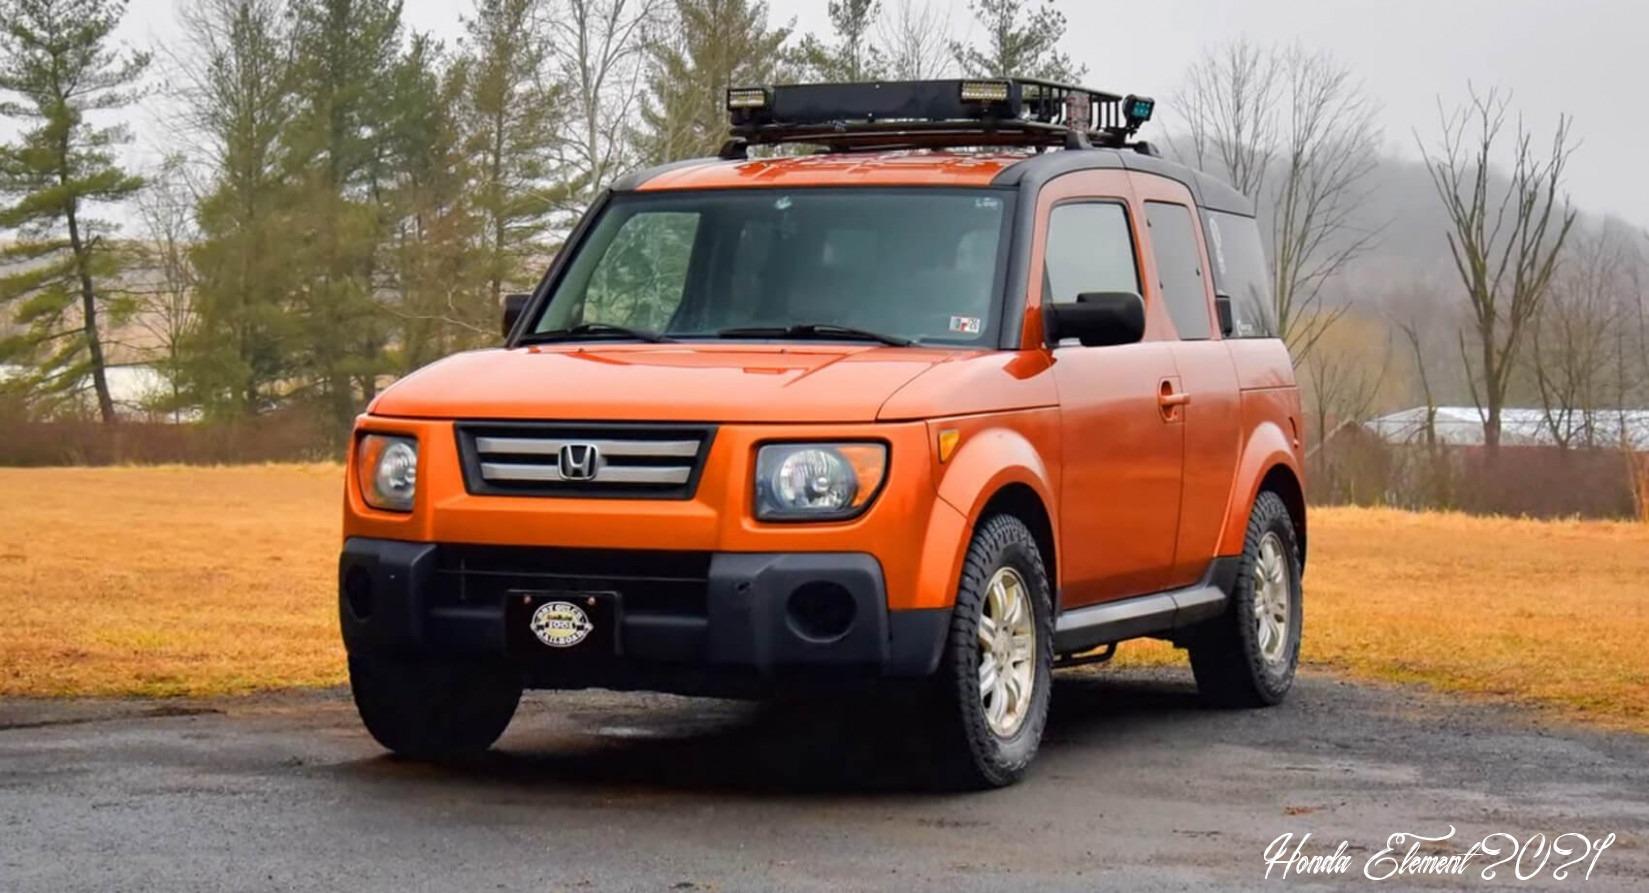 2022 Honda Element Specs